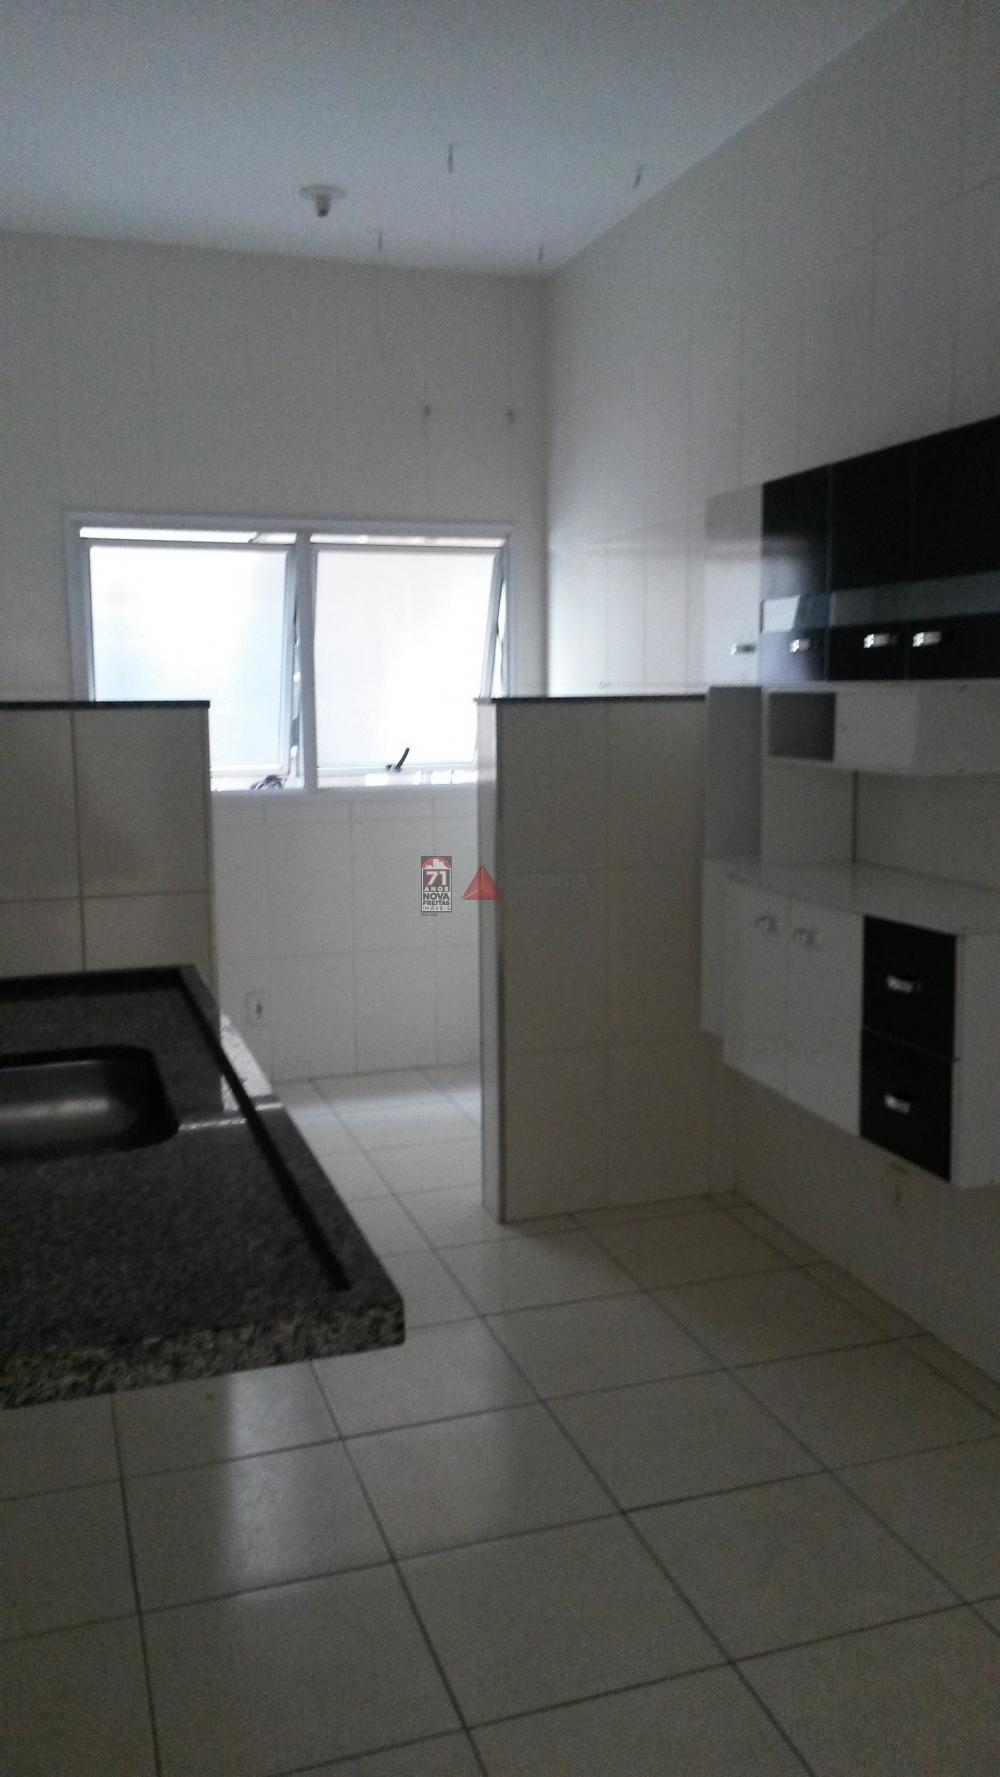 Comprar Apartamento / Padrão em Pindamonhangaba R$ 215.000,00 - Foto 5